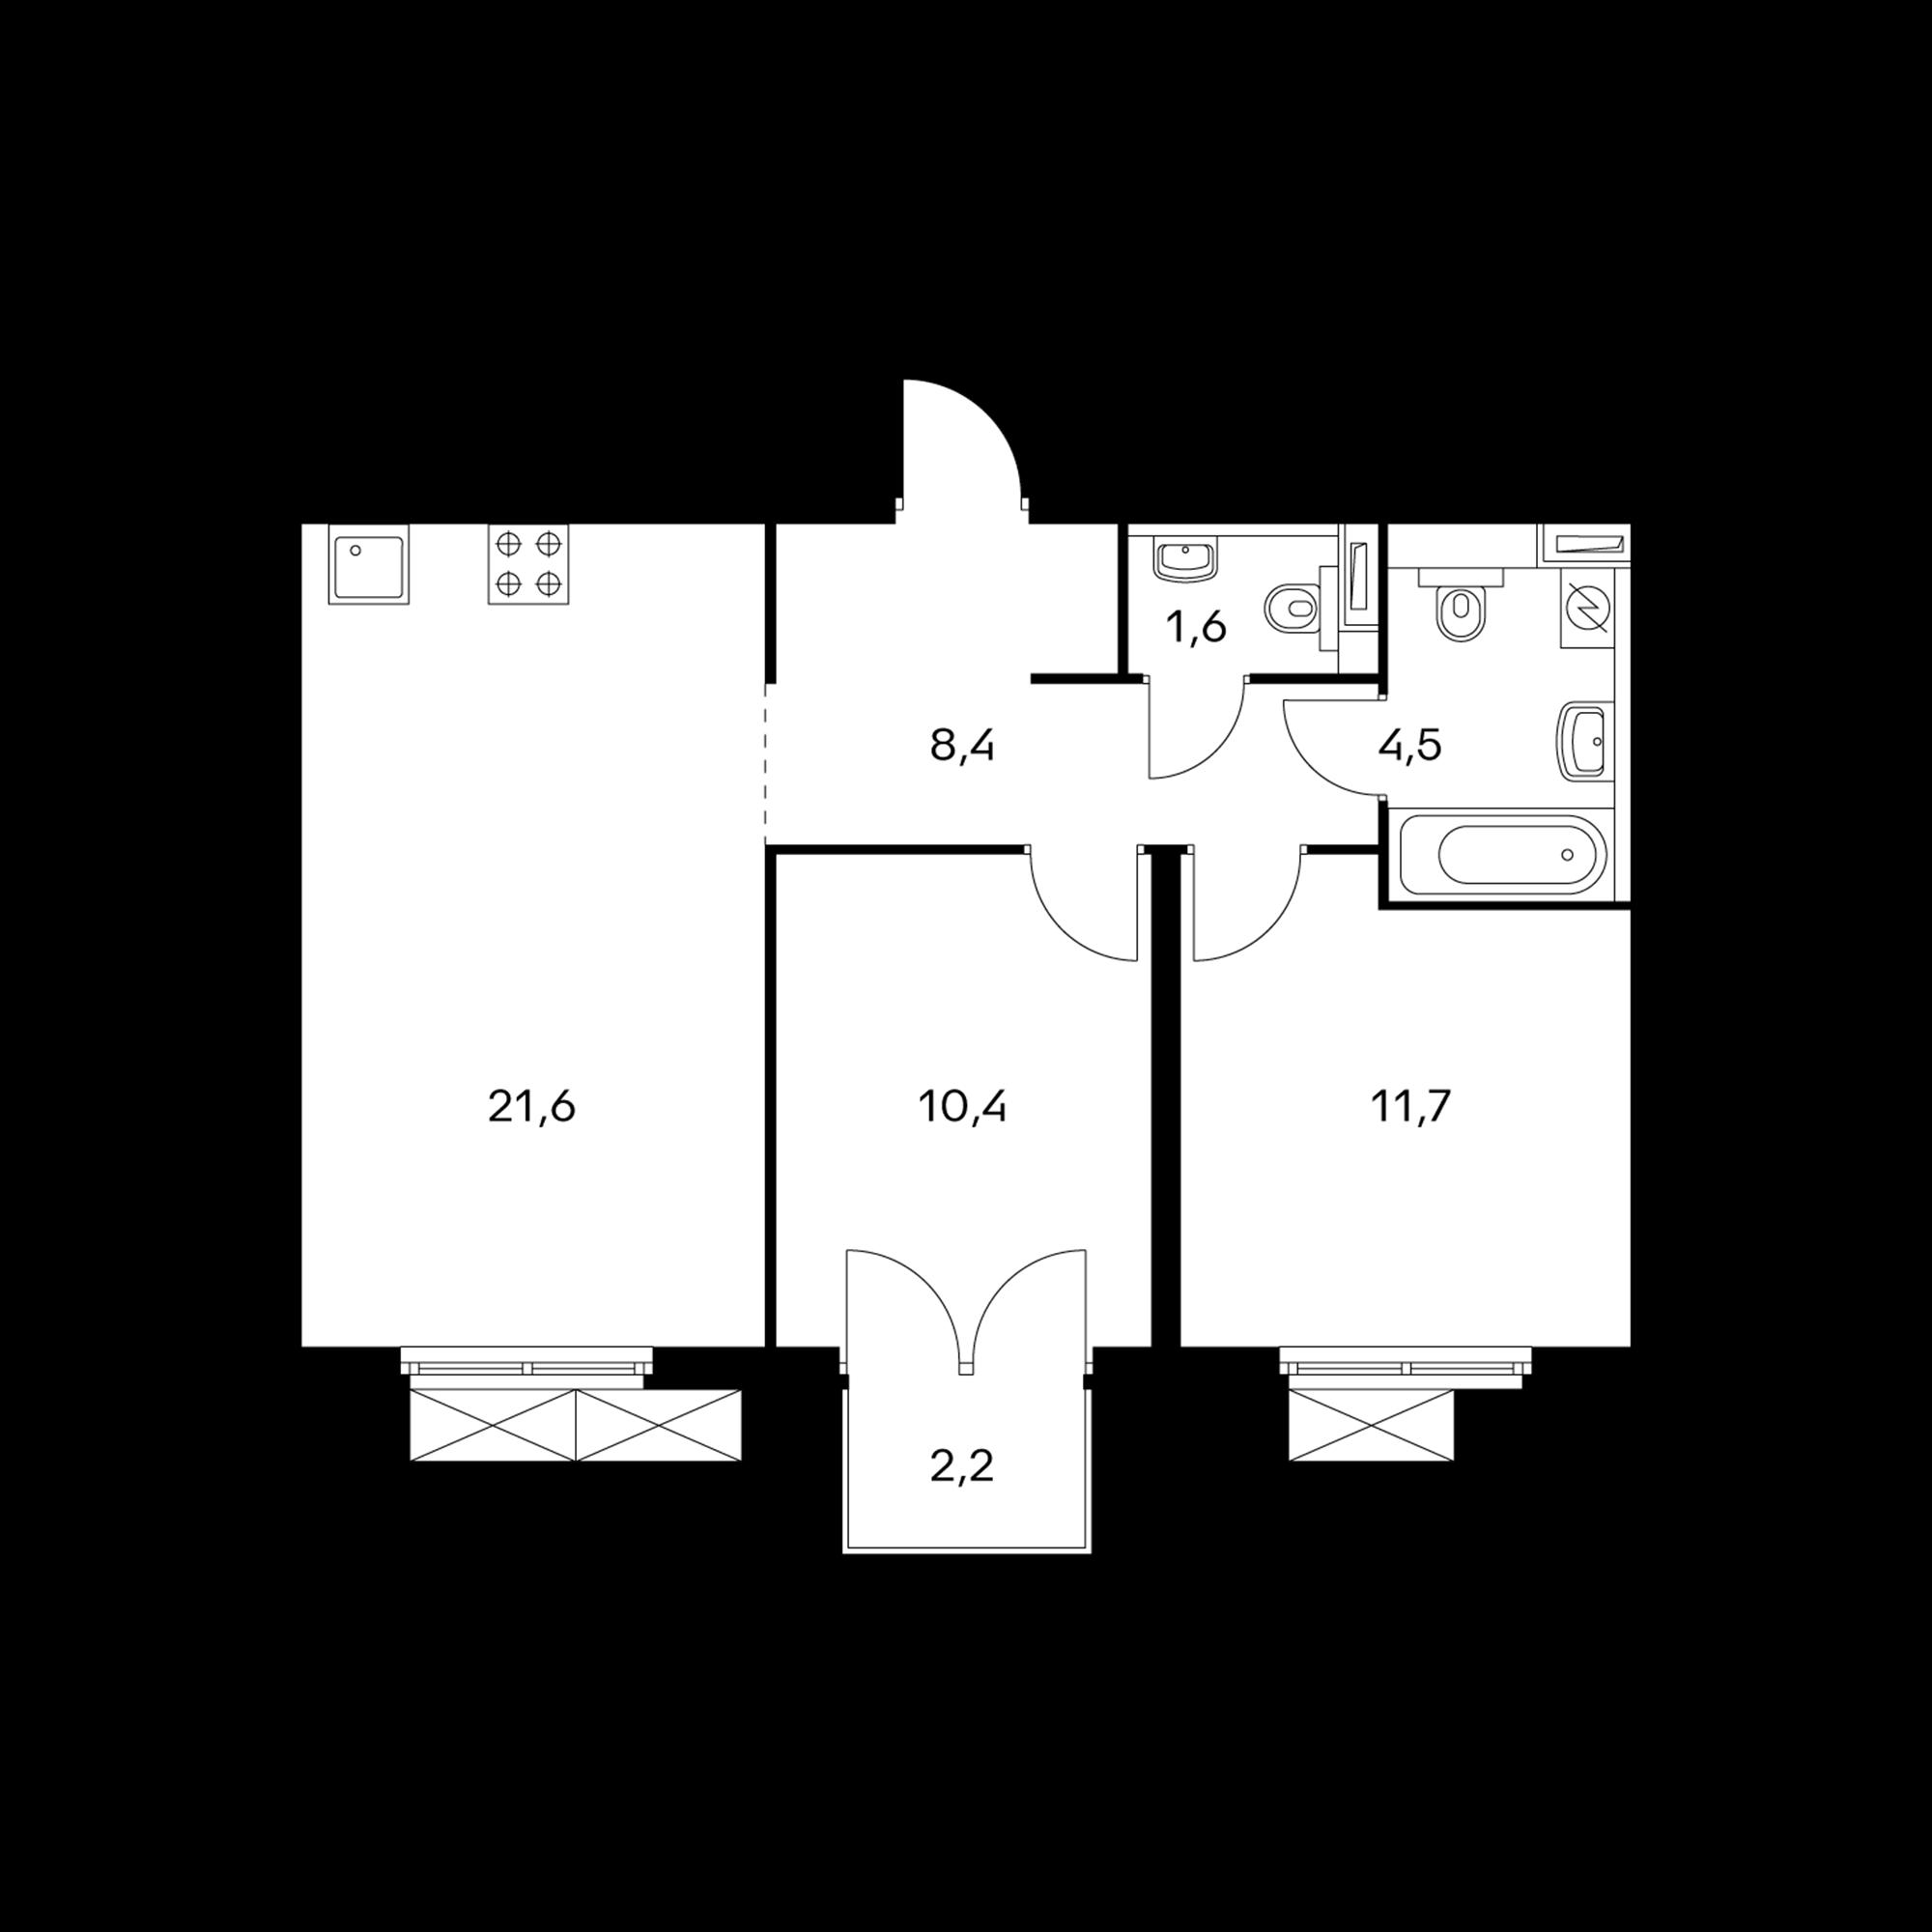 2-комнатная 58.9 м²